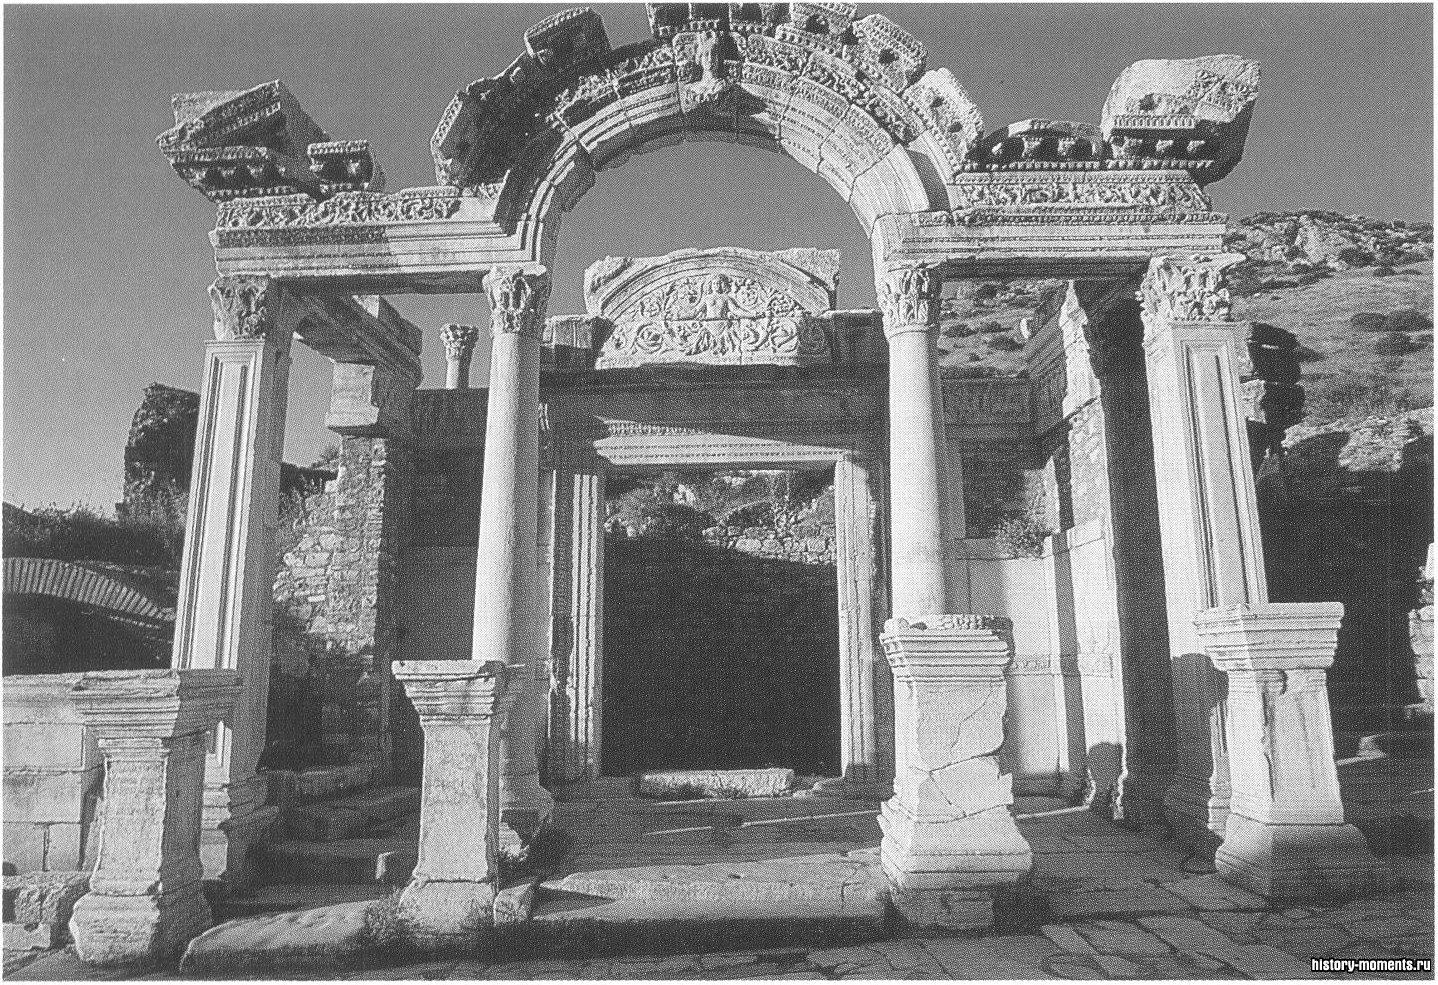 Эфес — один из крупнейших в мире археологических памятников. Храм Адриана с изящными коринфскими колоннами выстроен в 118 г. в честь этого римского императора, богини Артемиды и самого города.